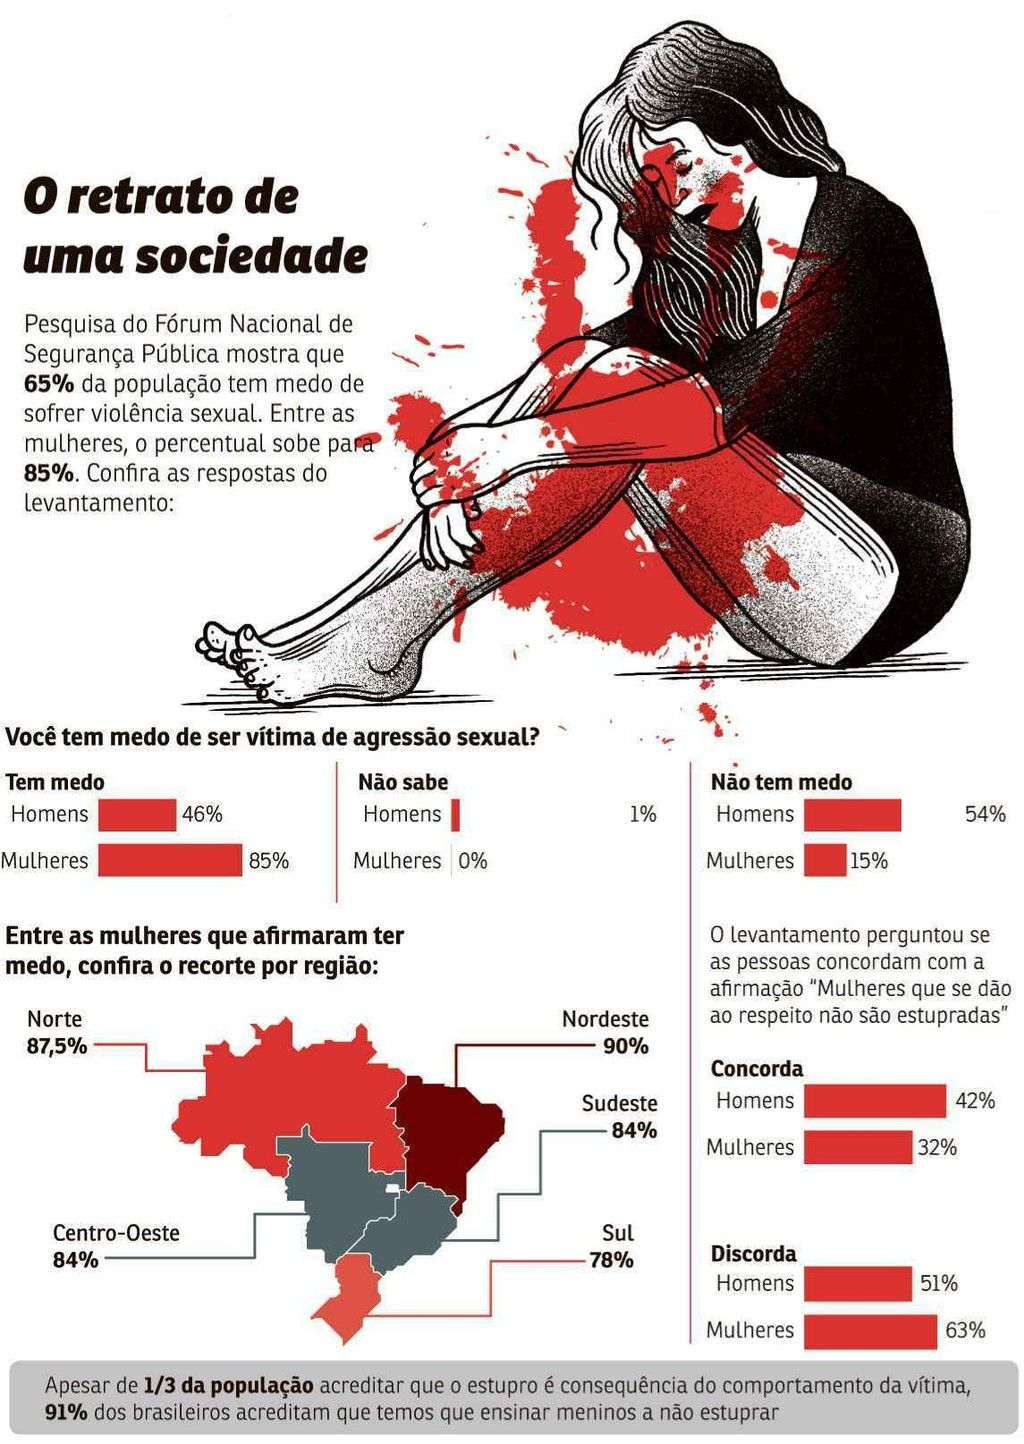 Um em cada trs brasileiros culpa as mulheres por estupro diz pesquisa